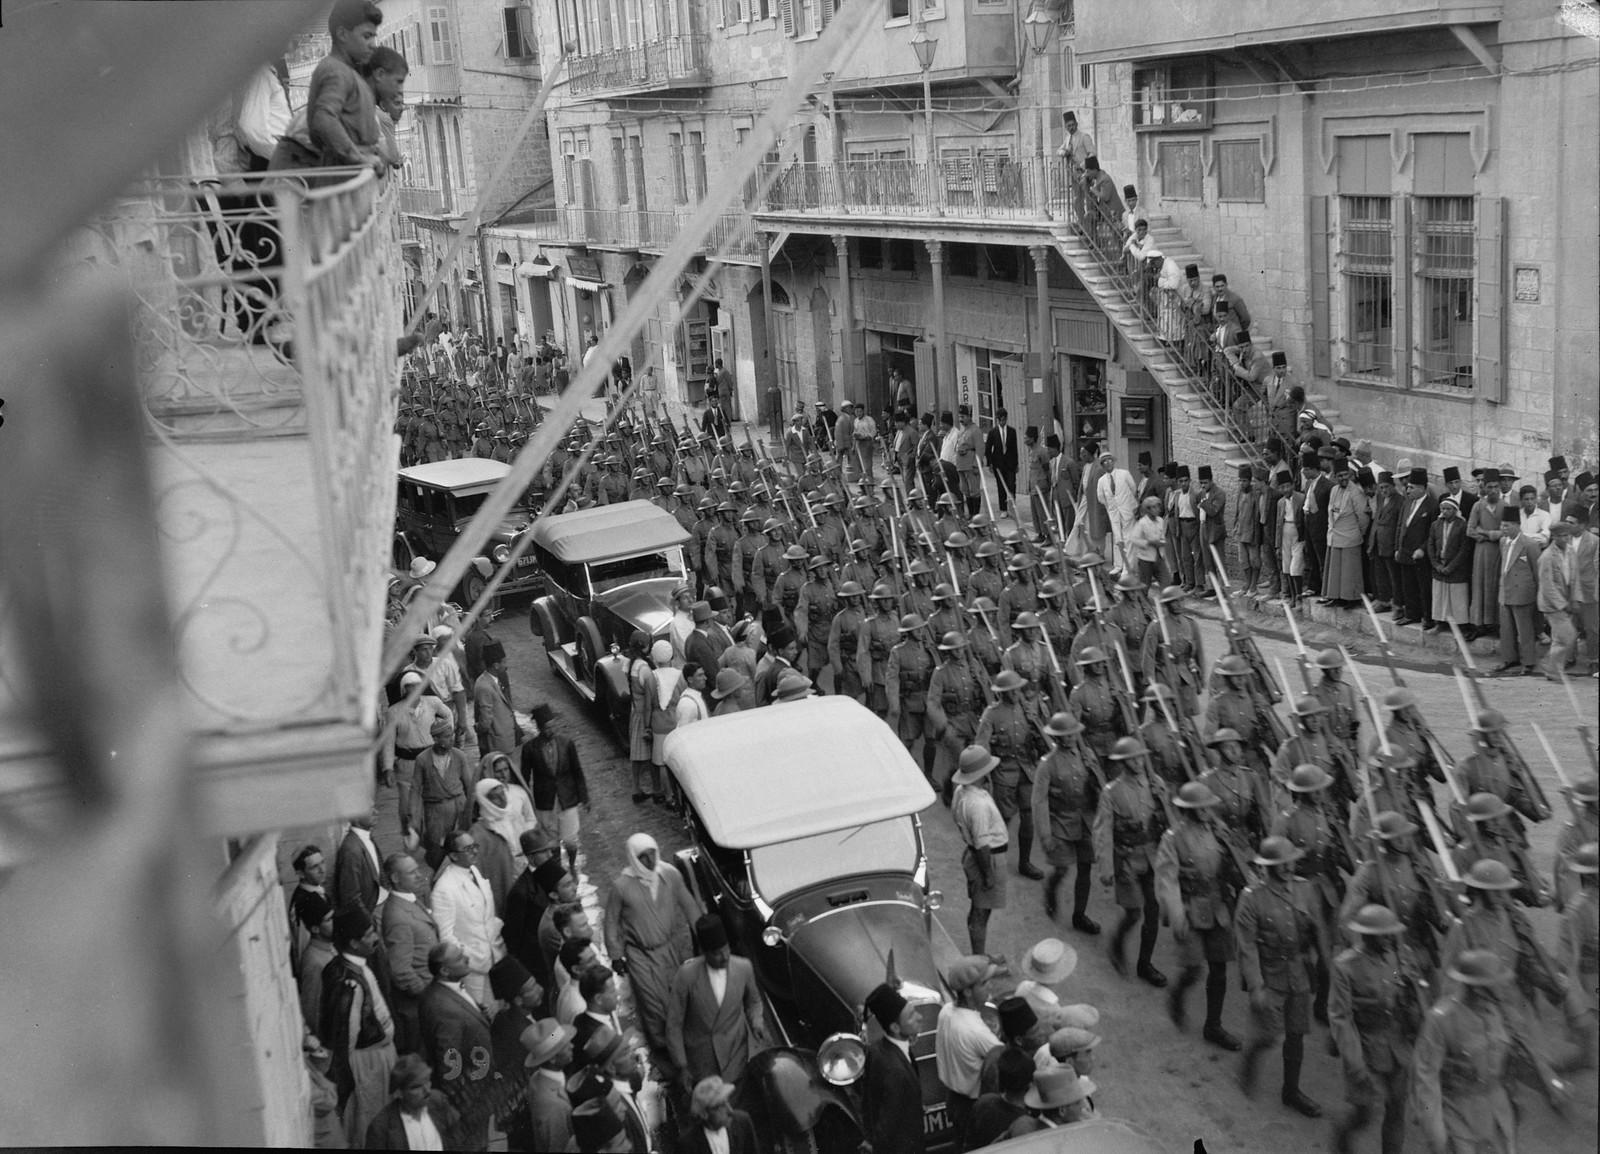 25. 23–31 августа. Демонстрация  военной силы в Иерусалиме. Войска в полном вооружении маршируют по улицам